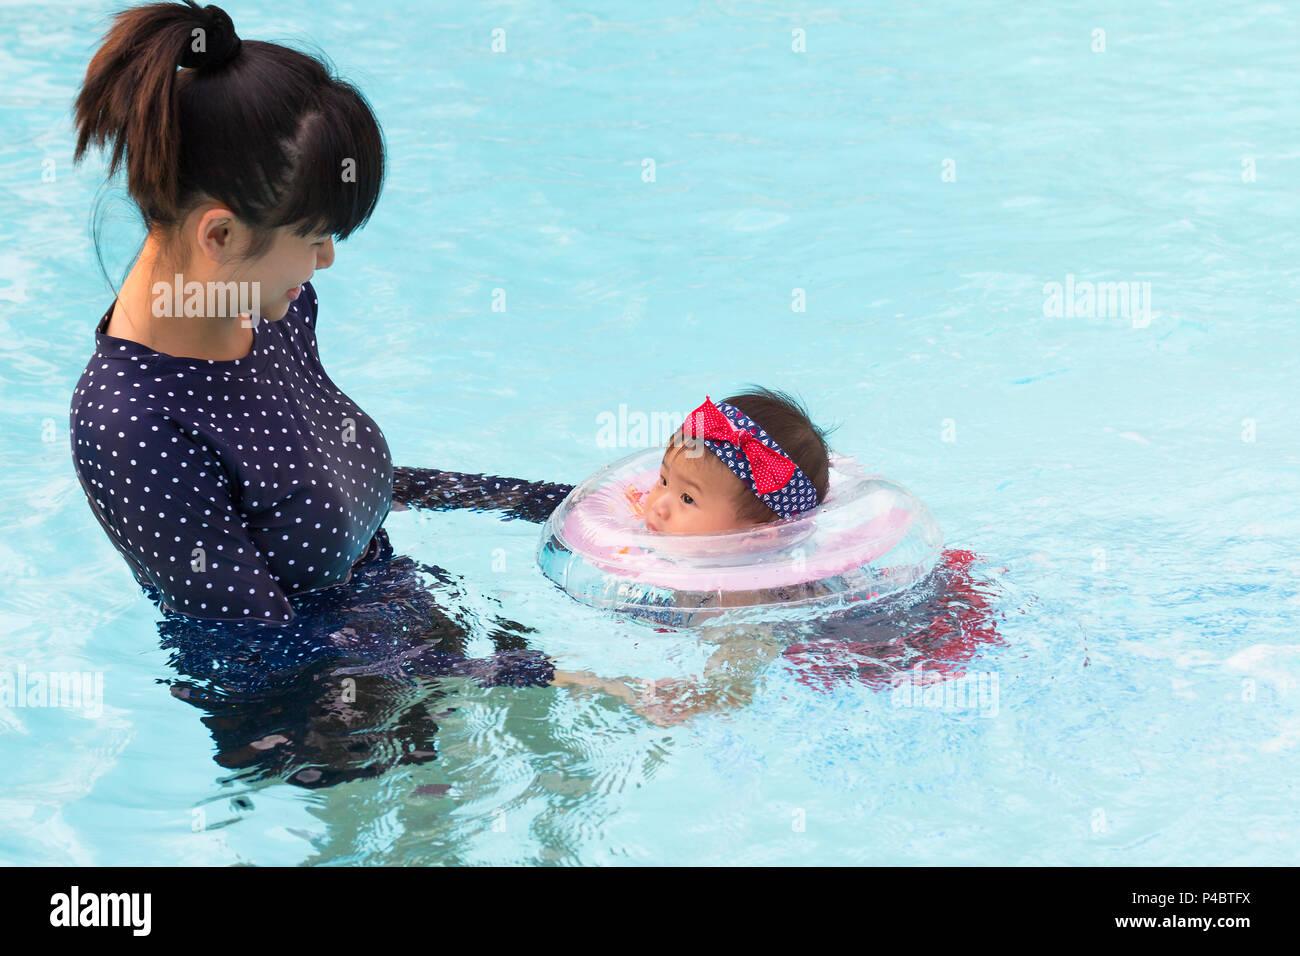 Thai Woman Swimming Pool Stock Photos Thai Woman Swimming Pool Stock Images - Alamy-6354